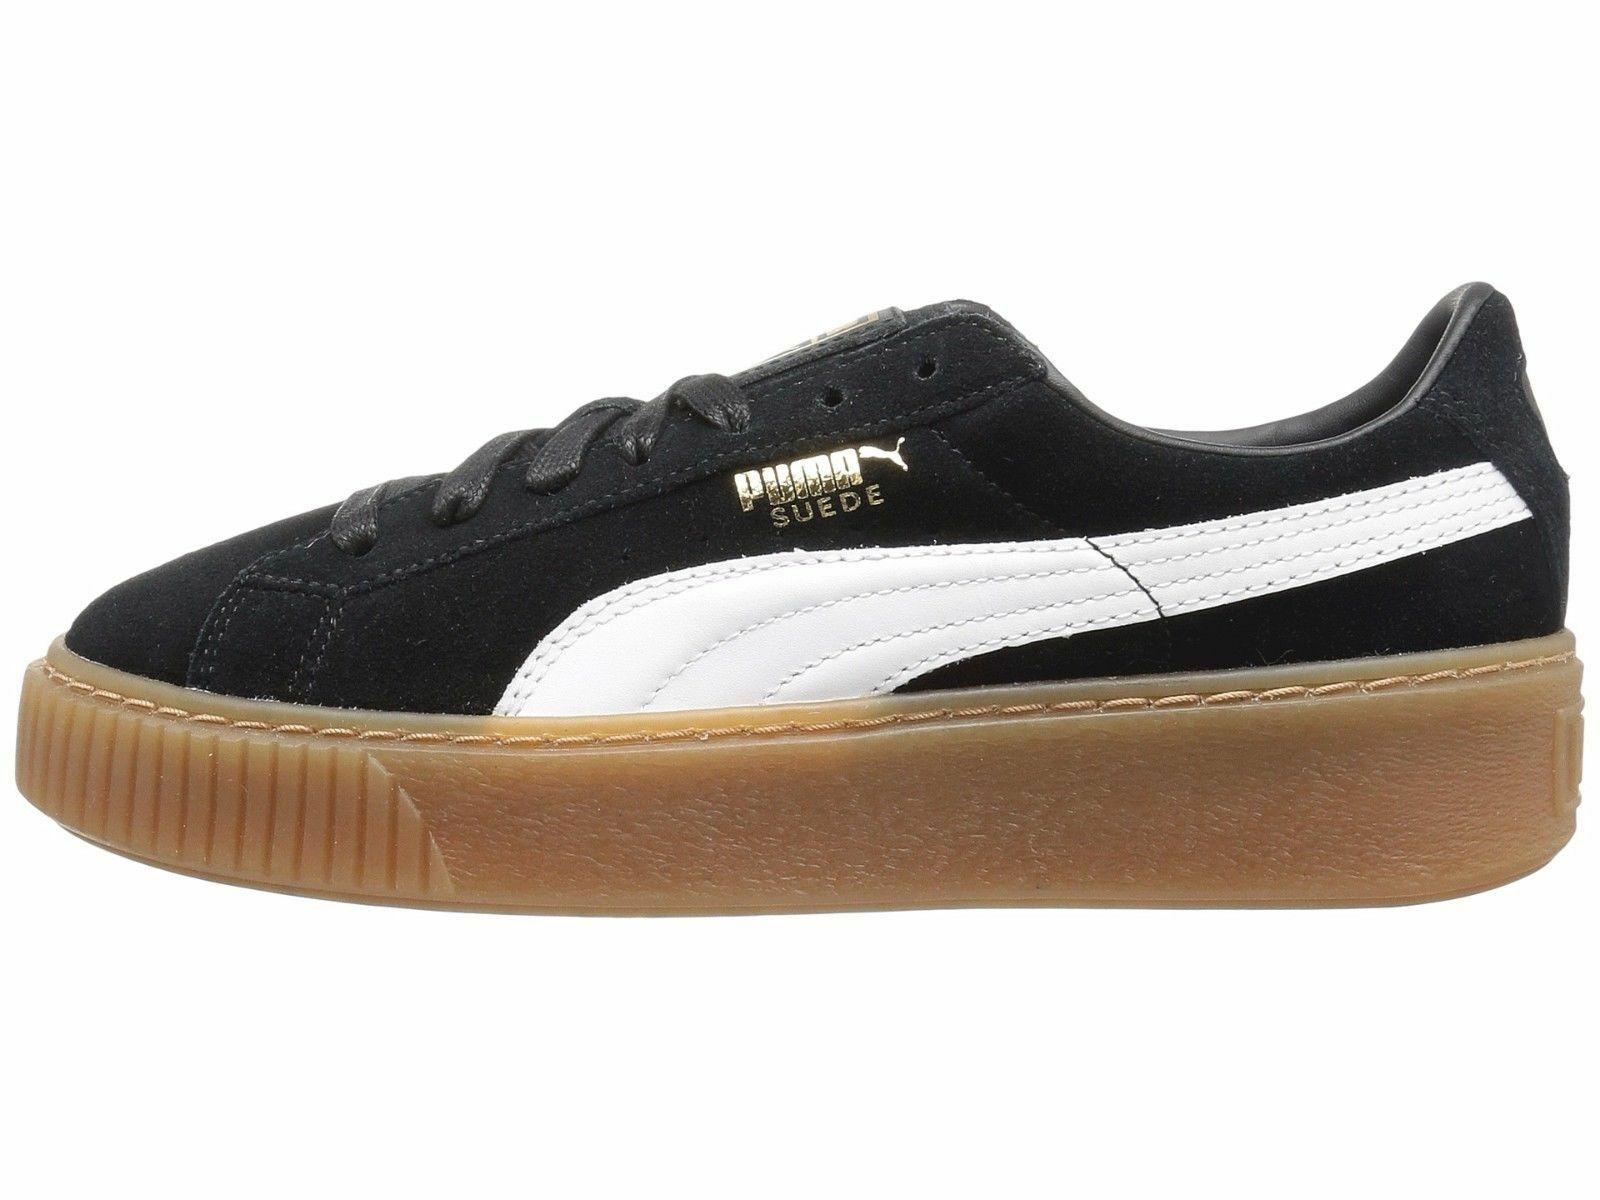 PUMA Suede Platform Core nero   bianca bianca bianca Donna  scarpe da ginnastica 363559-02 4d9b1d